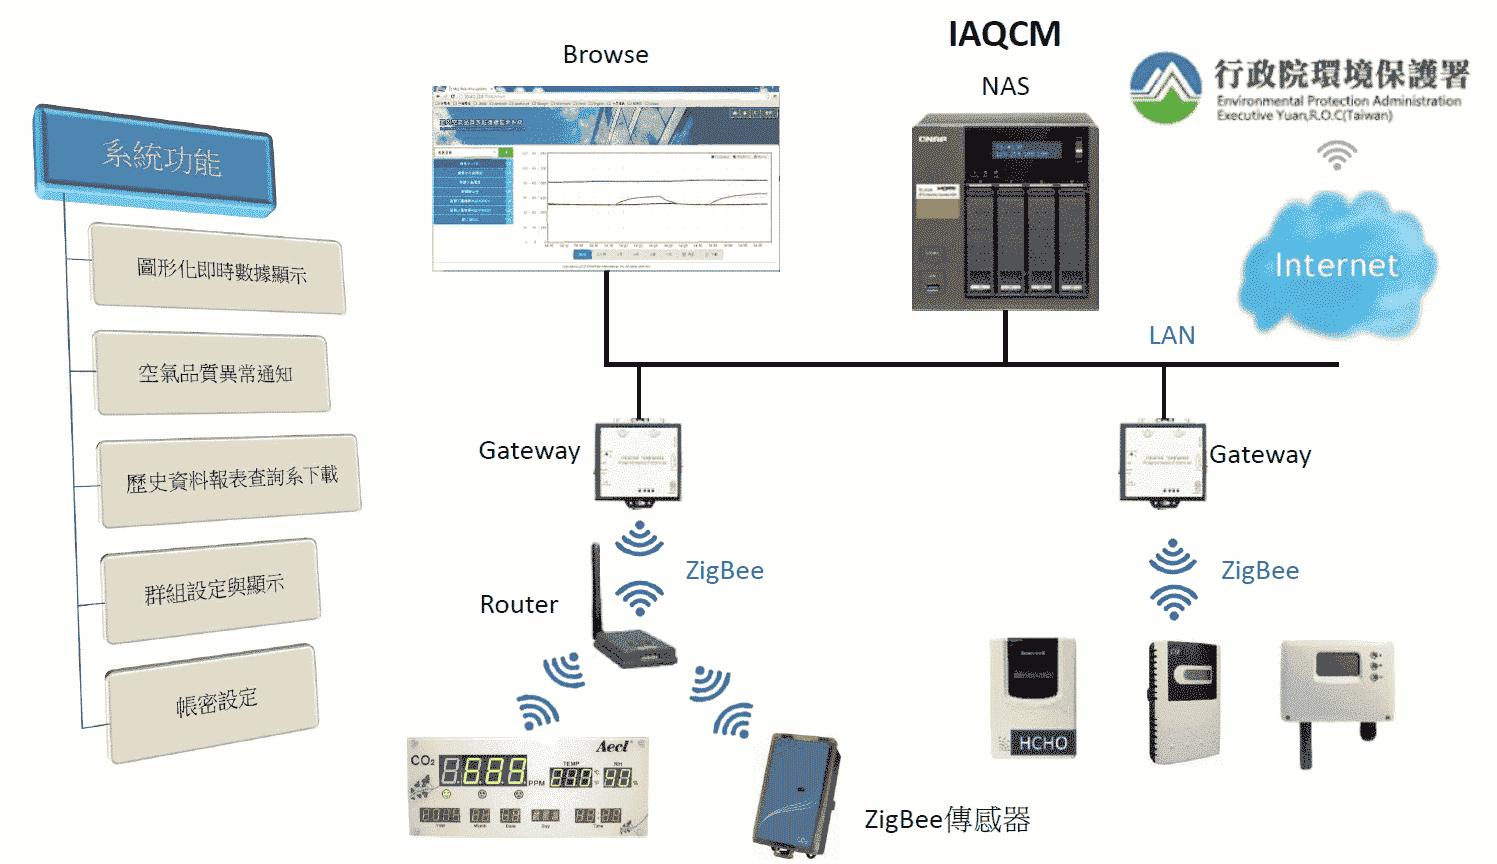 IAQ無線基本架構